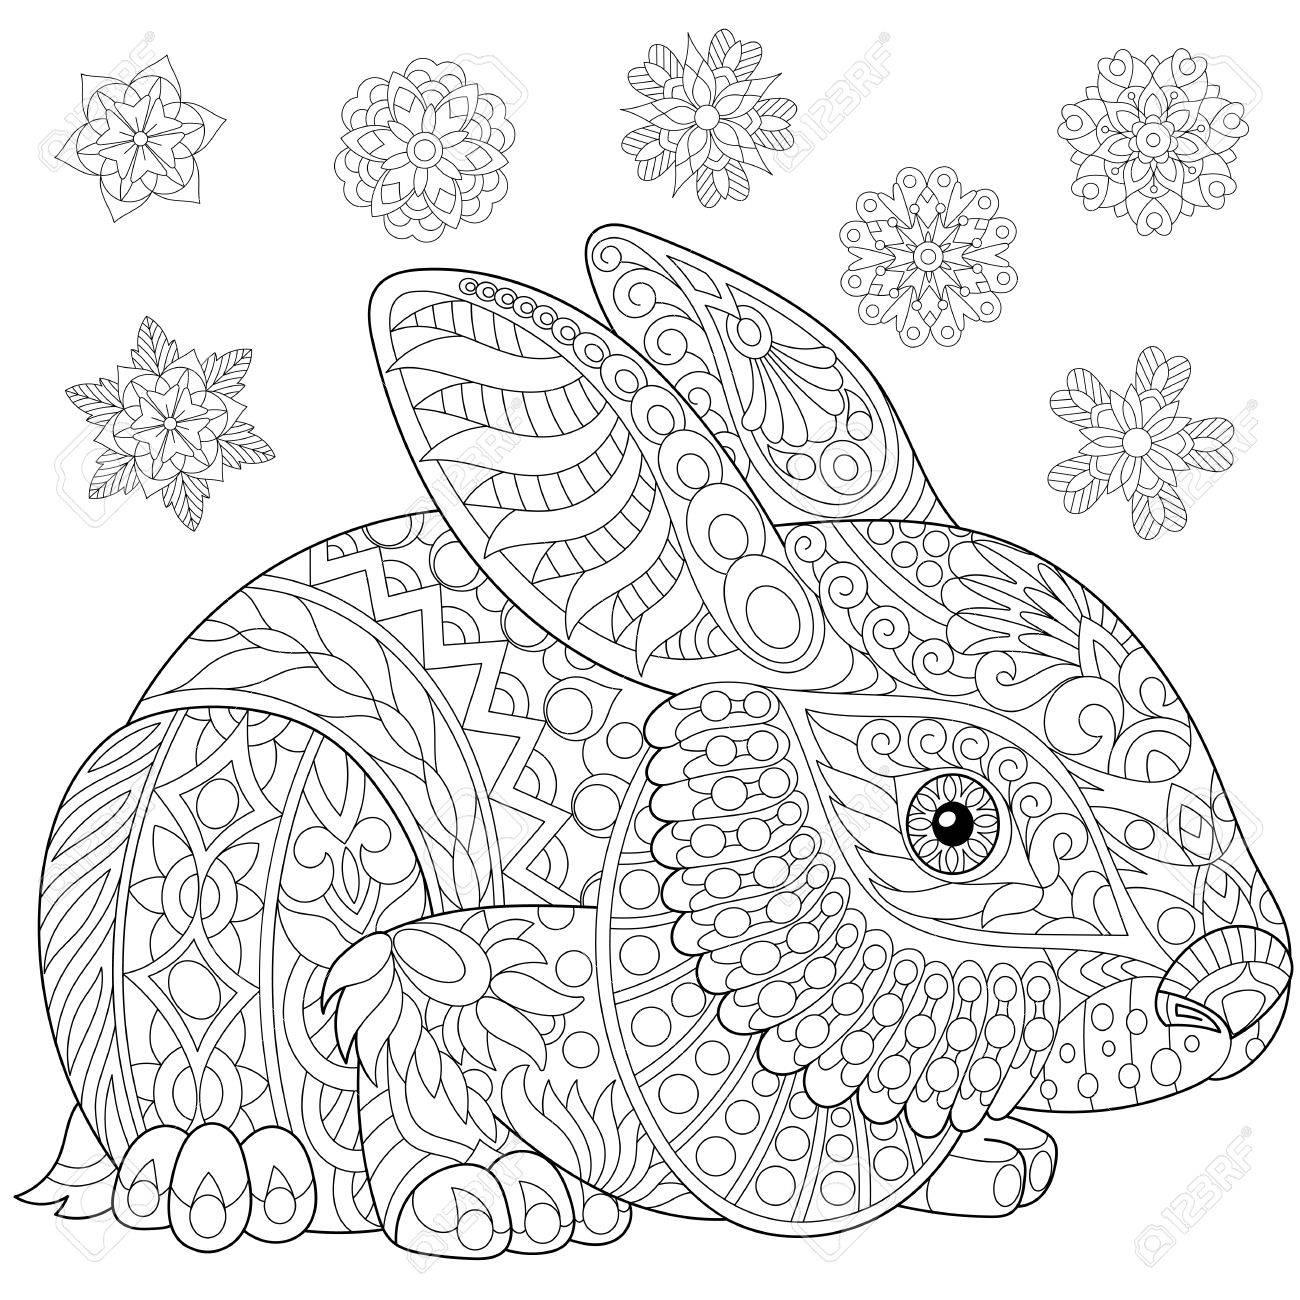 Coloriage De Lapin Lapin Et Flocons De Neige D Hiver Croquis à